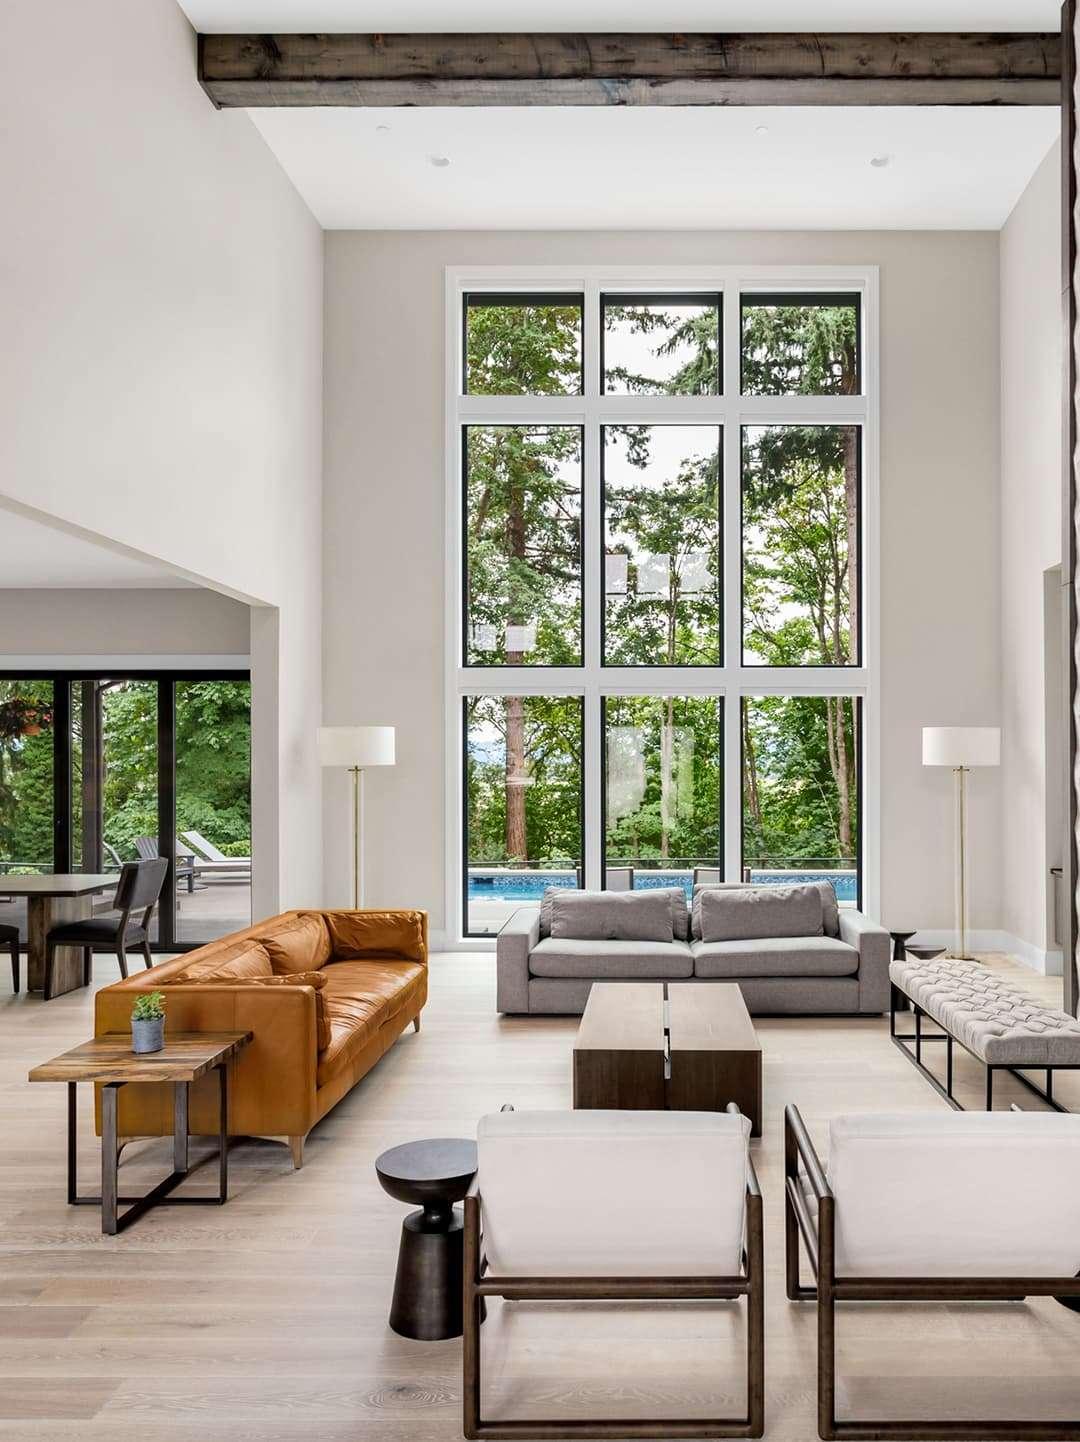 Windows, Doors And Skylights In Smart Homes